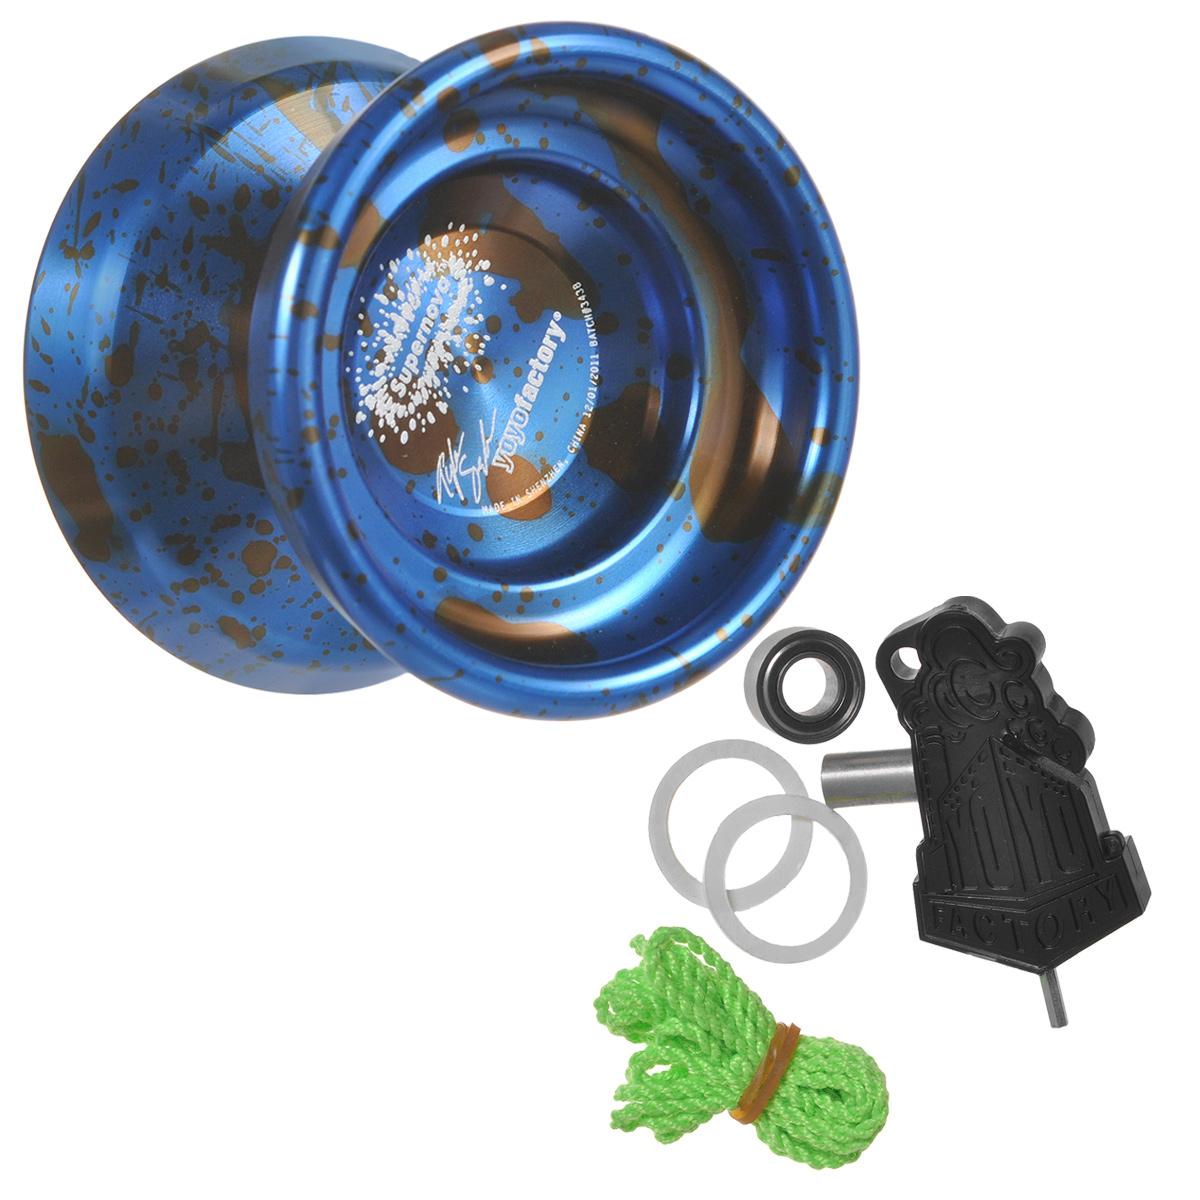 Йо-йо YoYoFactory Supernova, цвет: синий, черный supernova adidas